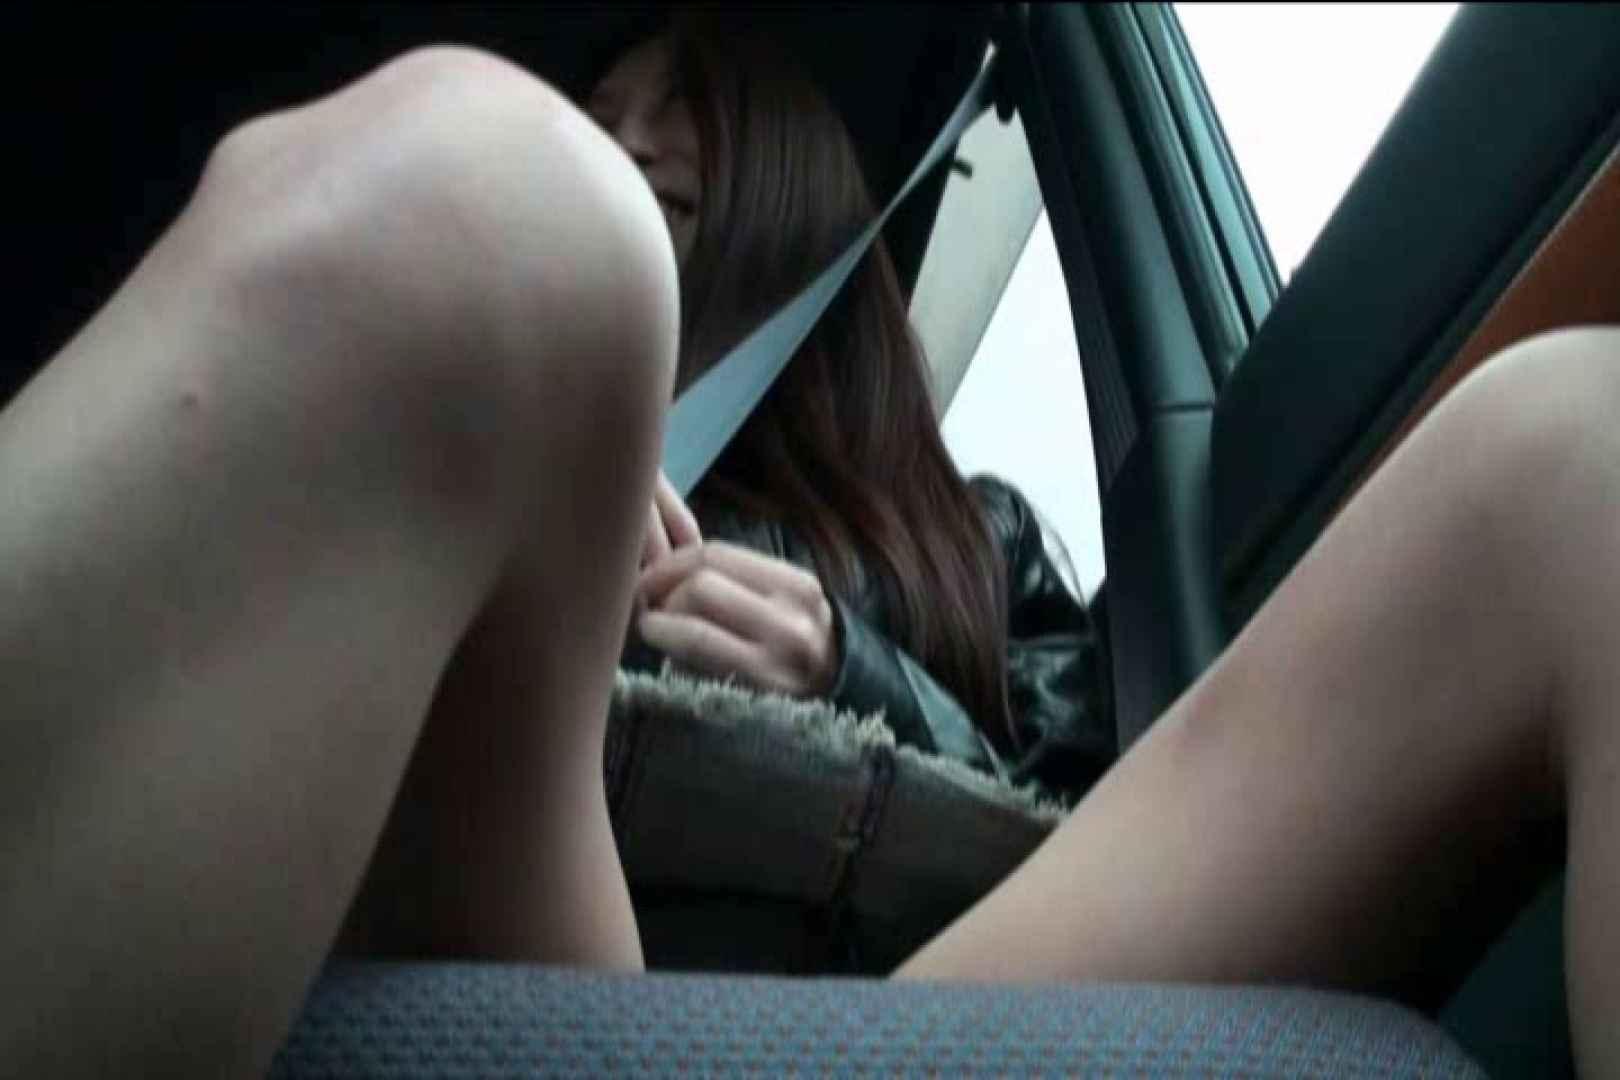 車内で初めまして! vol04 手マンギャル 性交動画流出 20連発 5